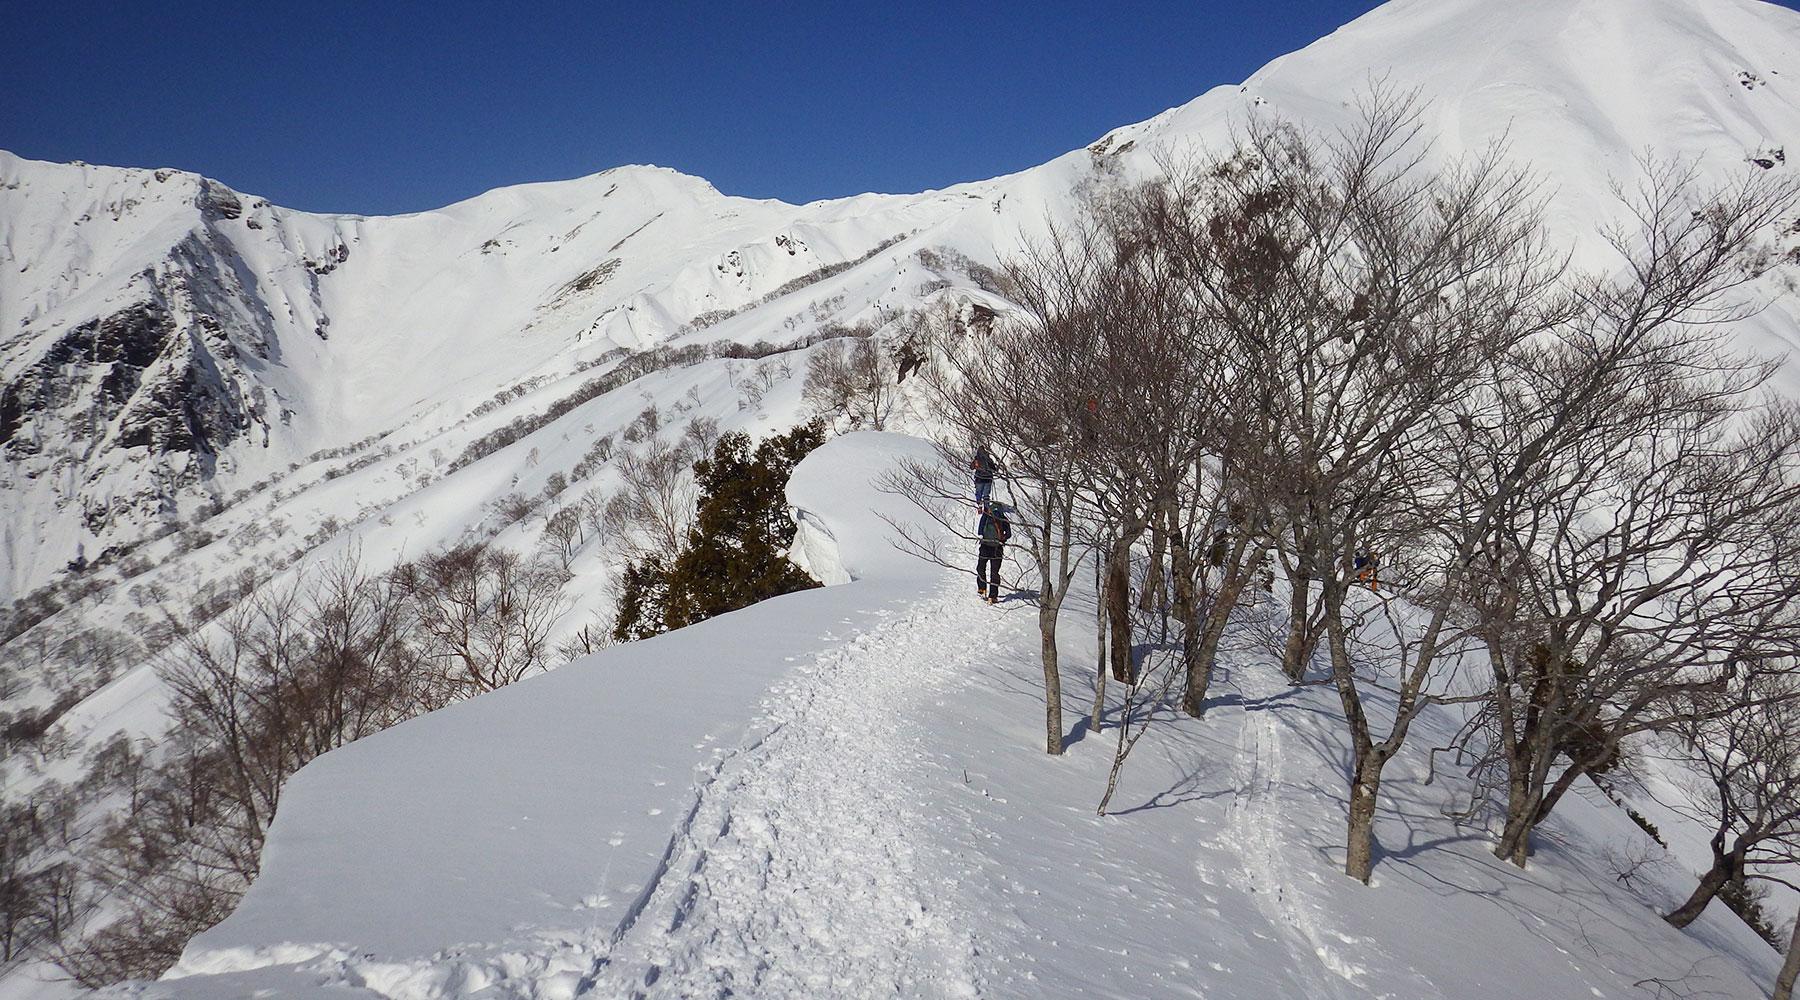 谷川岳・天神平スキー場~熊穴沢避難小屋間の冬道